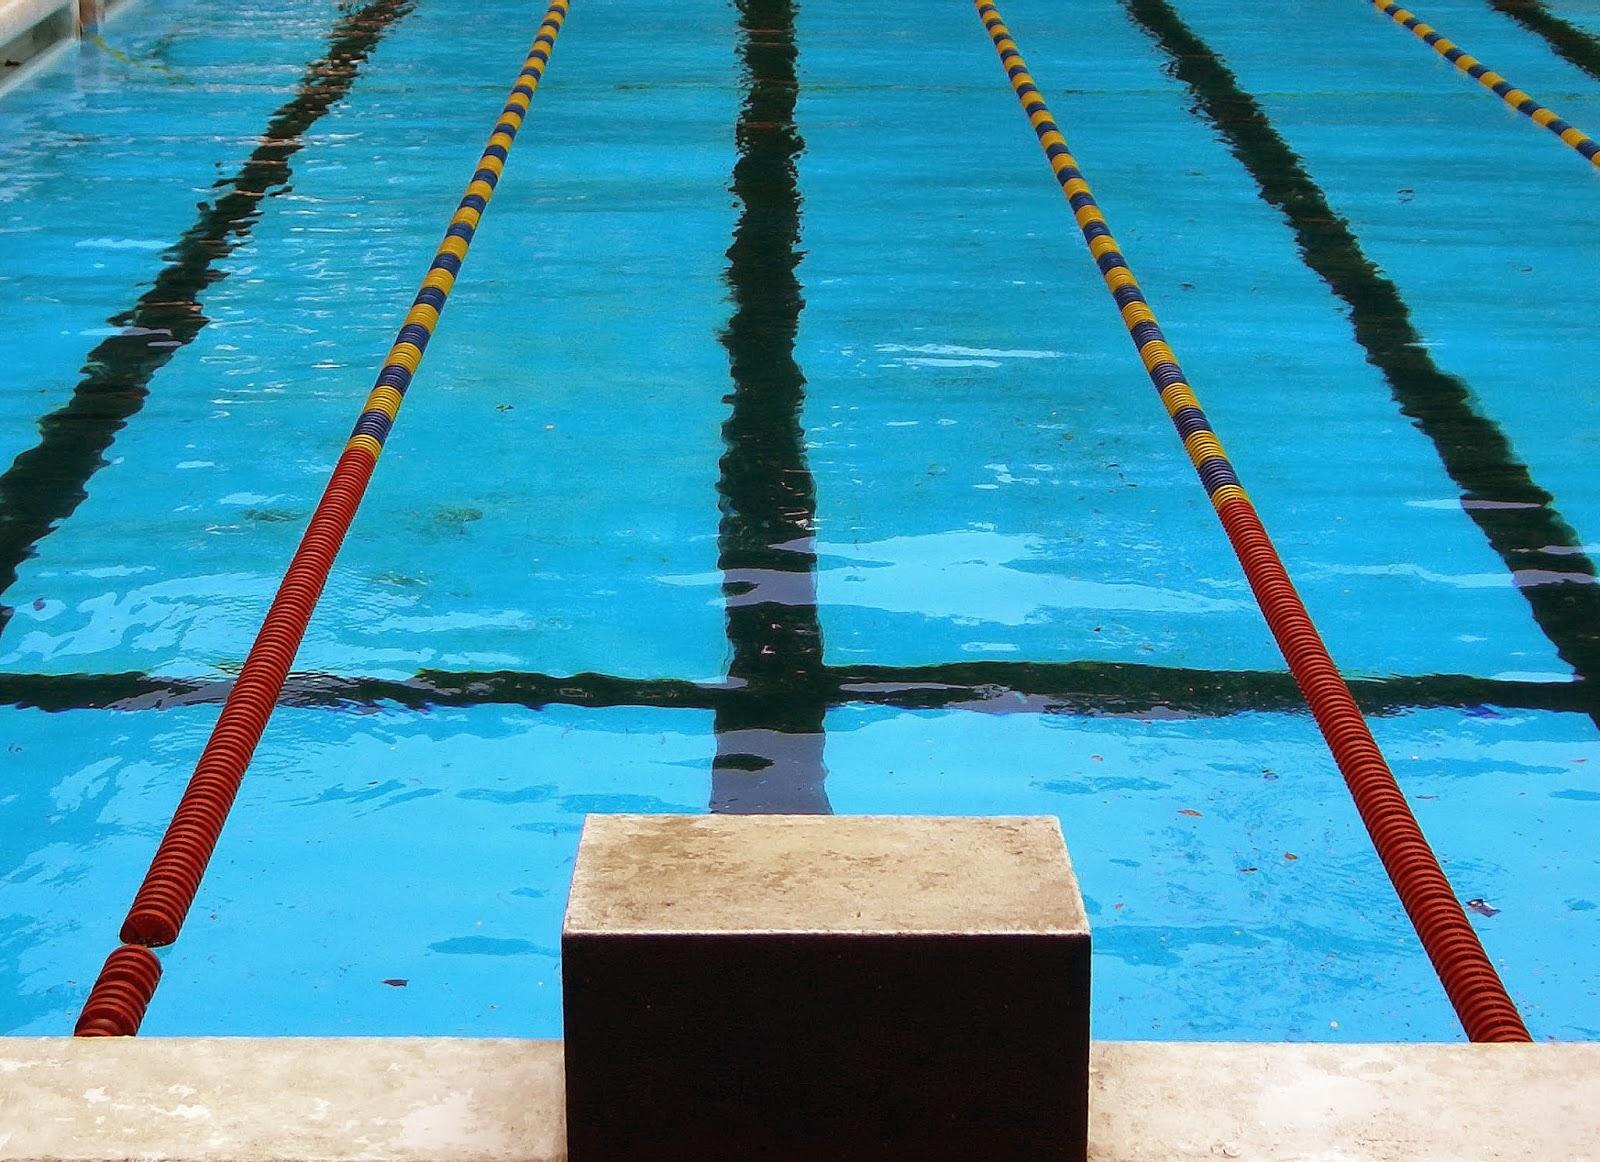 Torres novas fm nata o atividade do cntn Dream interpretation swimming in a pool